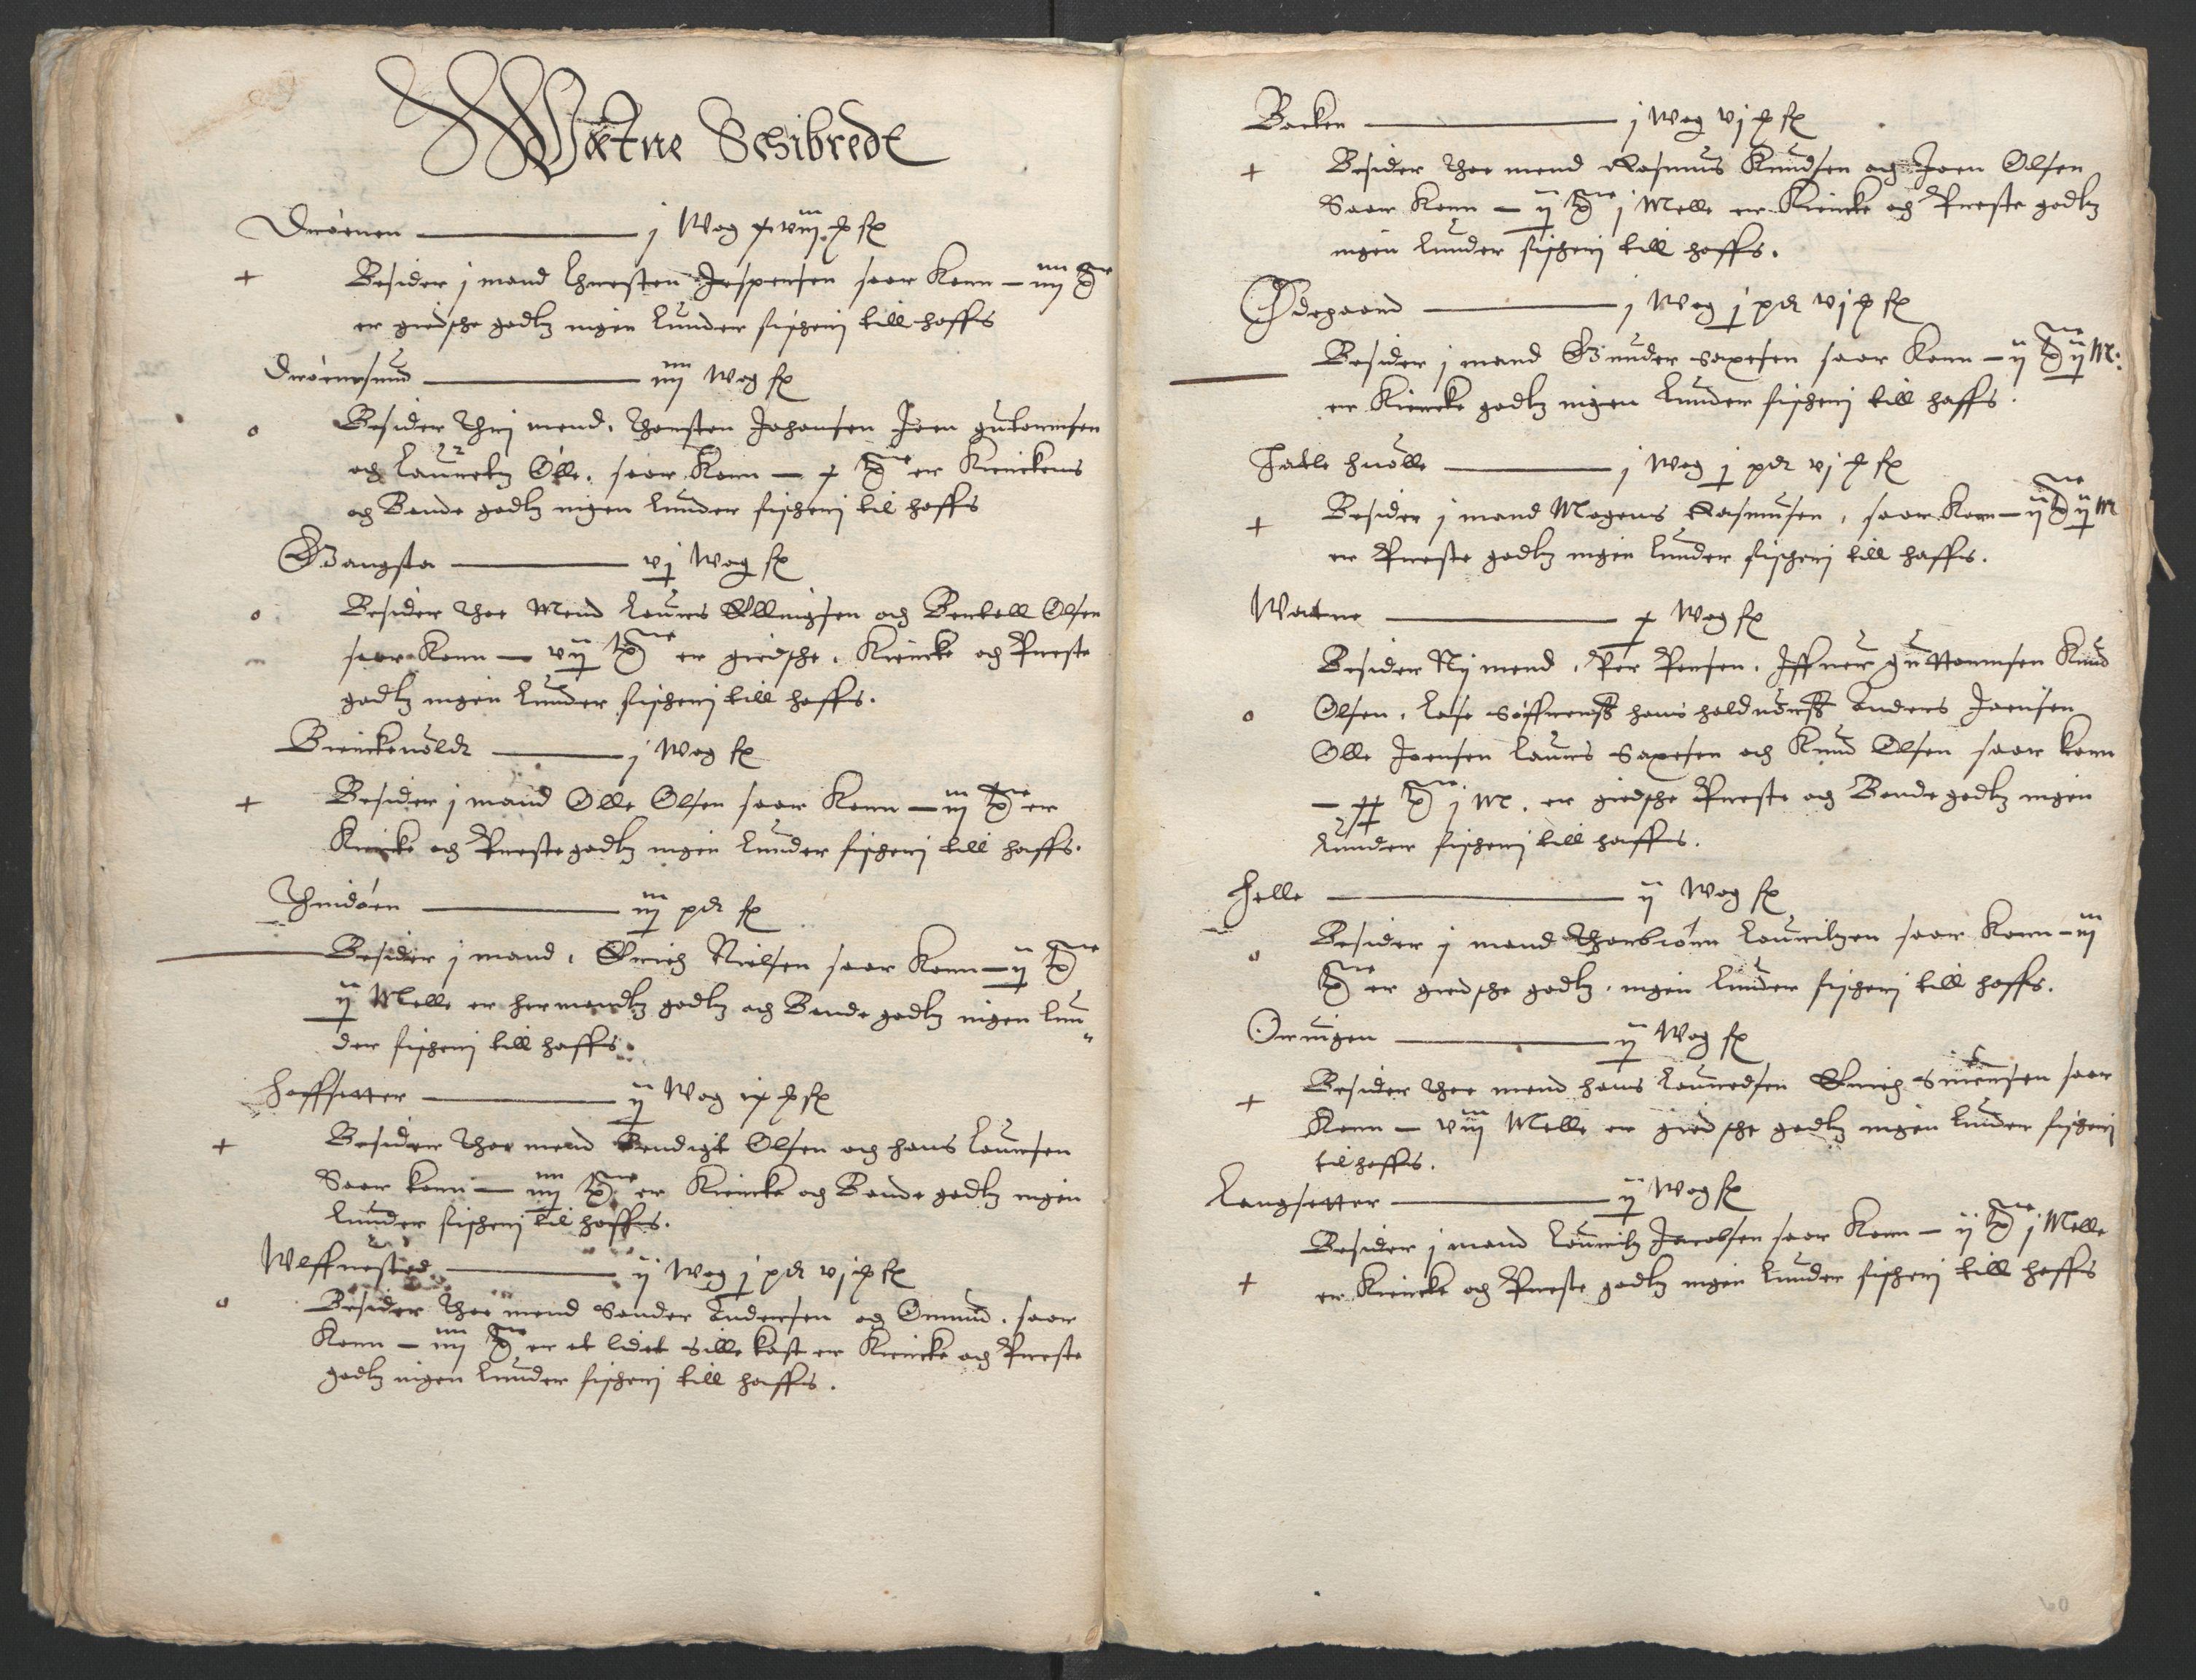 RA, Stattholderembetet 1572-1771, Ek/L0005: Jordebøker til utlikning av garnisonsskatt 1624-1626:, 1626, s. 201